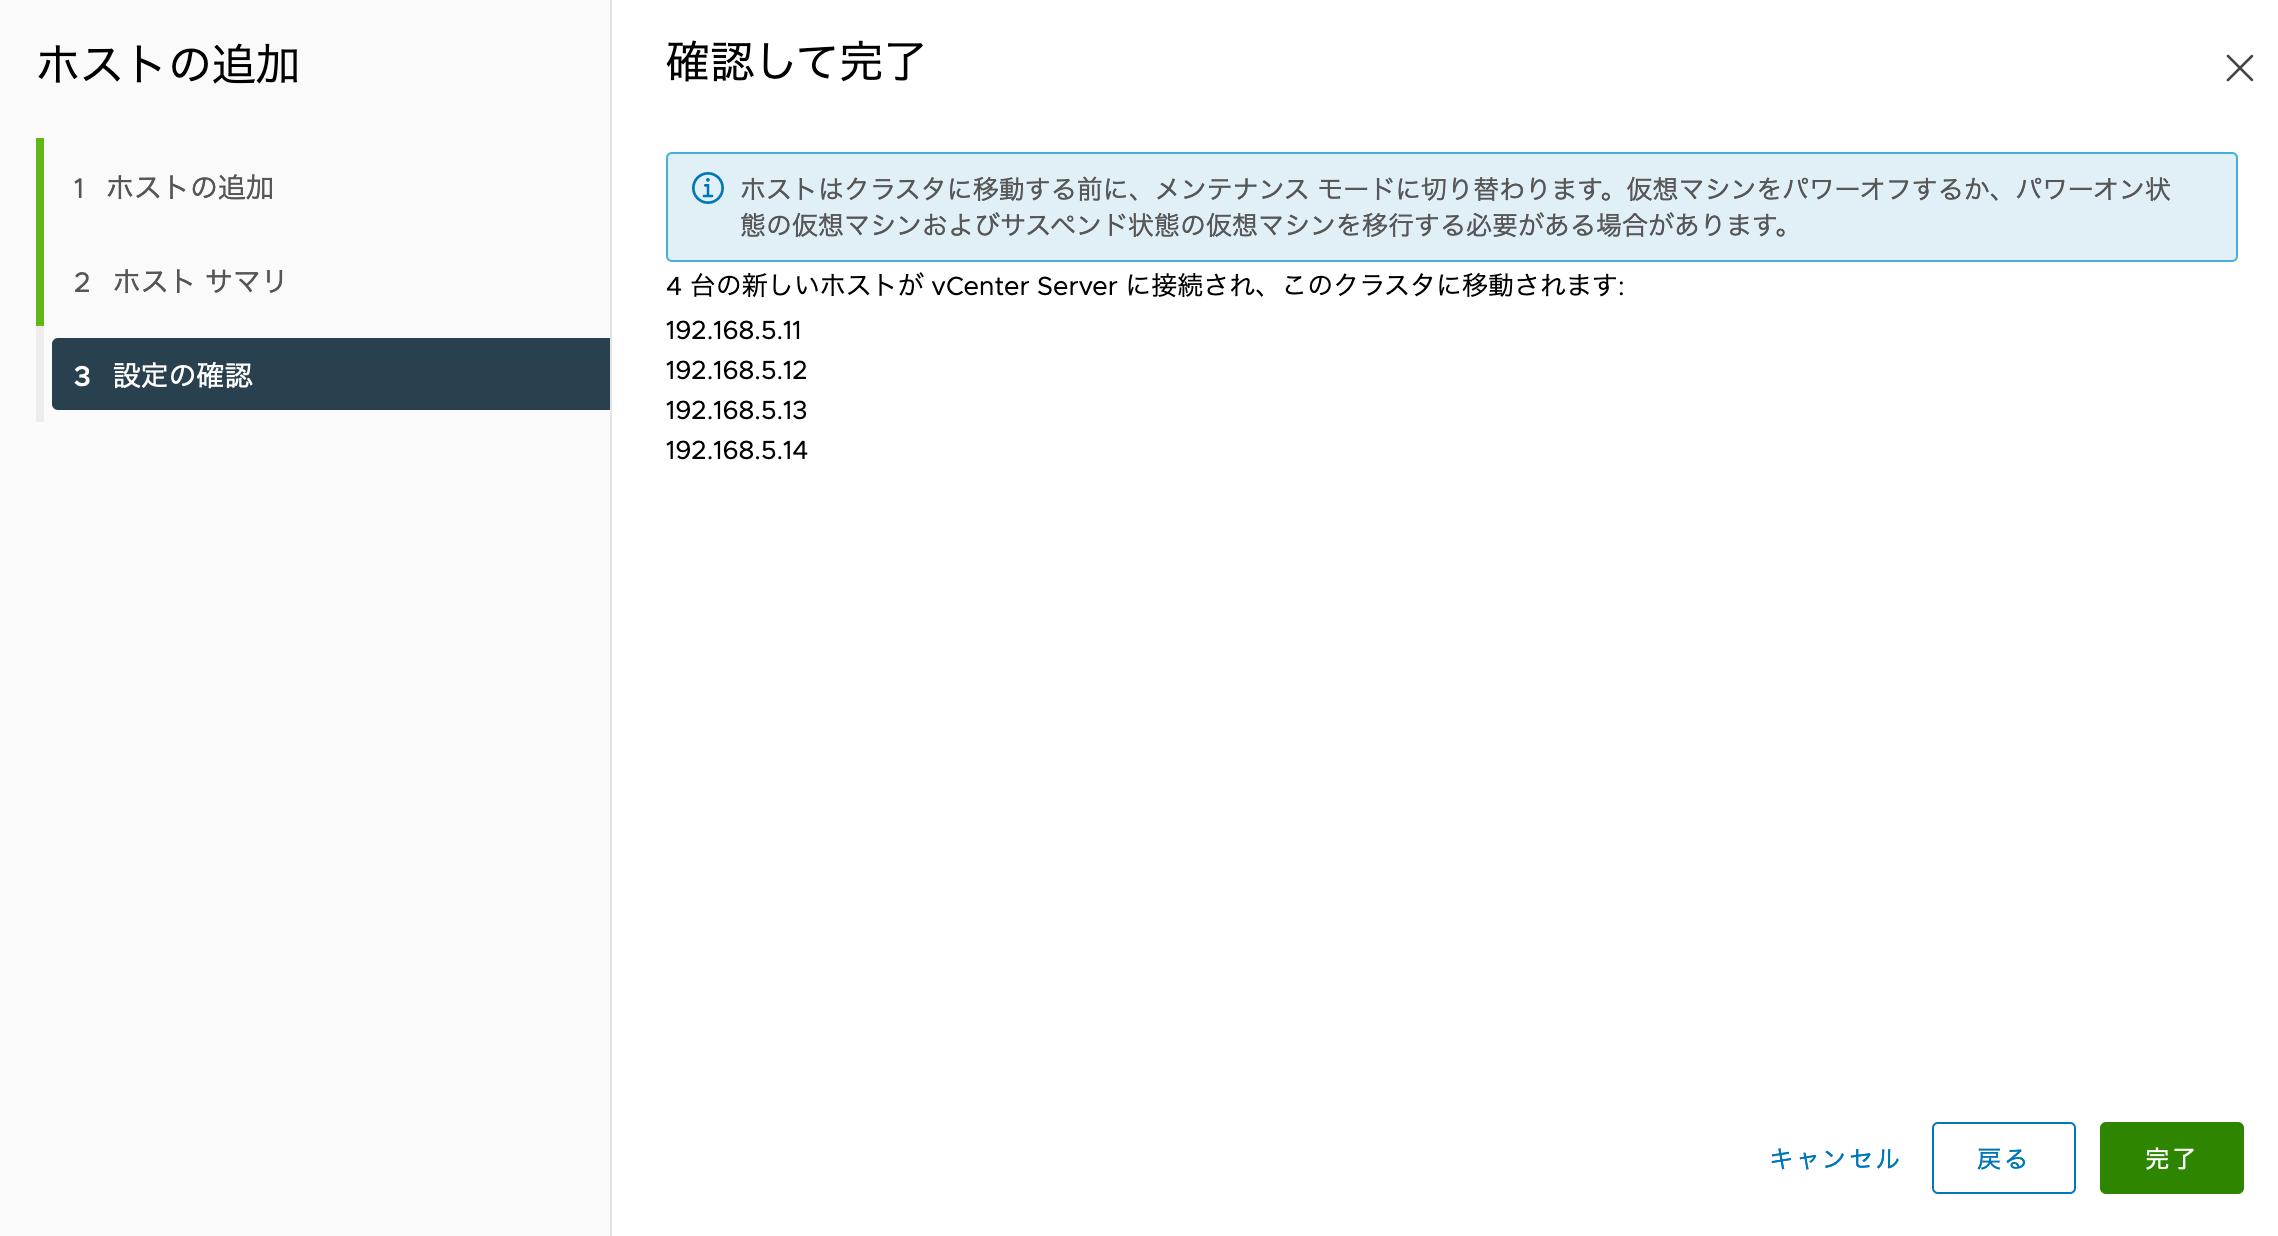 スクリーンショット 2020-12-07 2.33.07.png